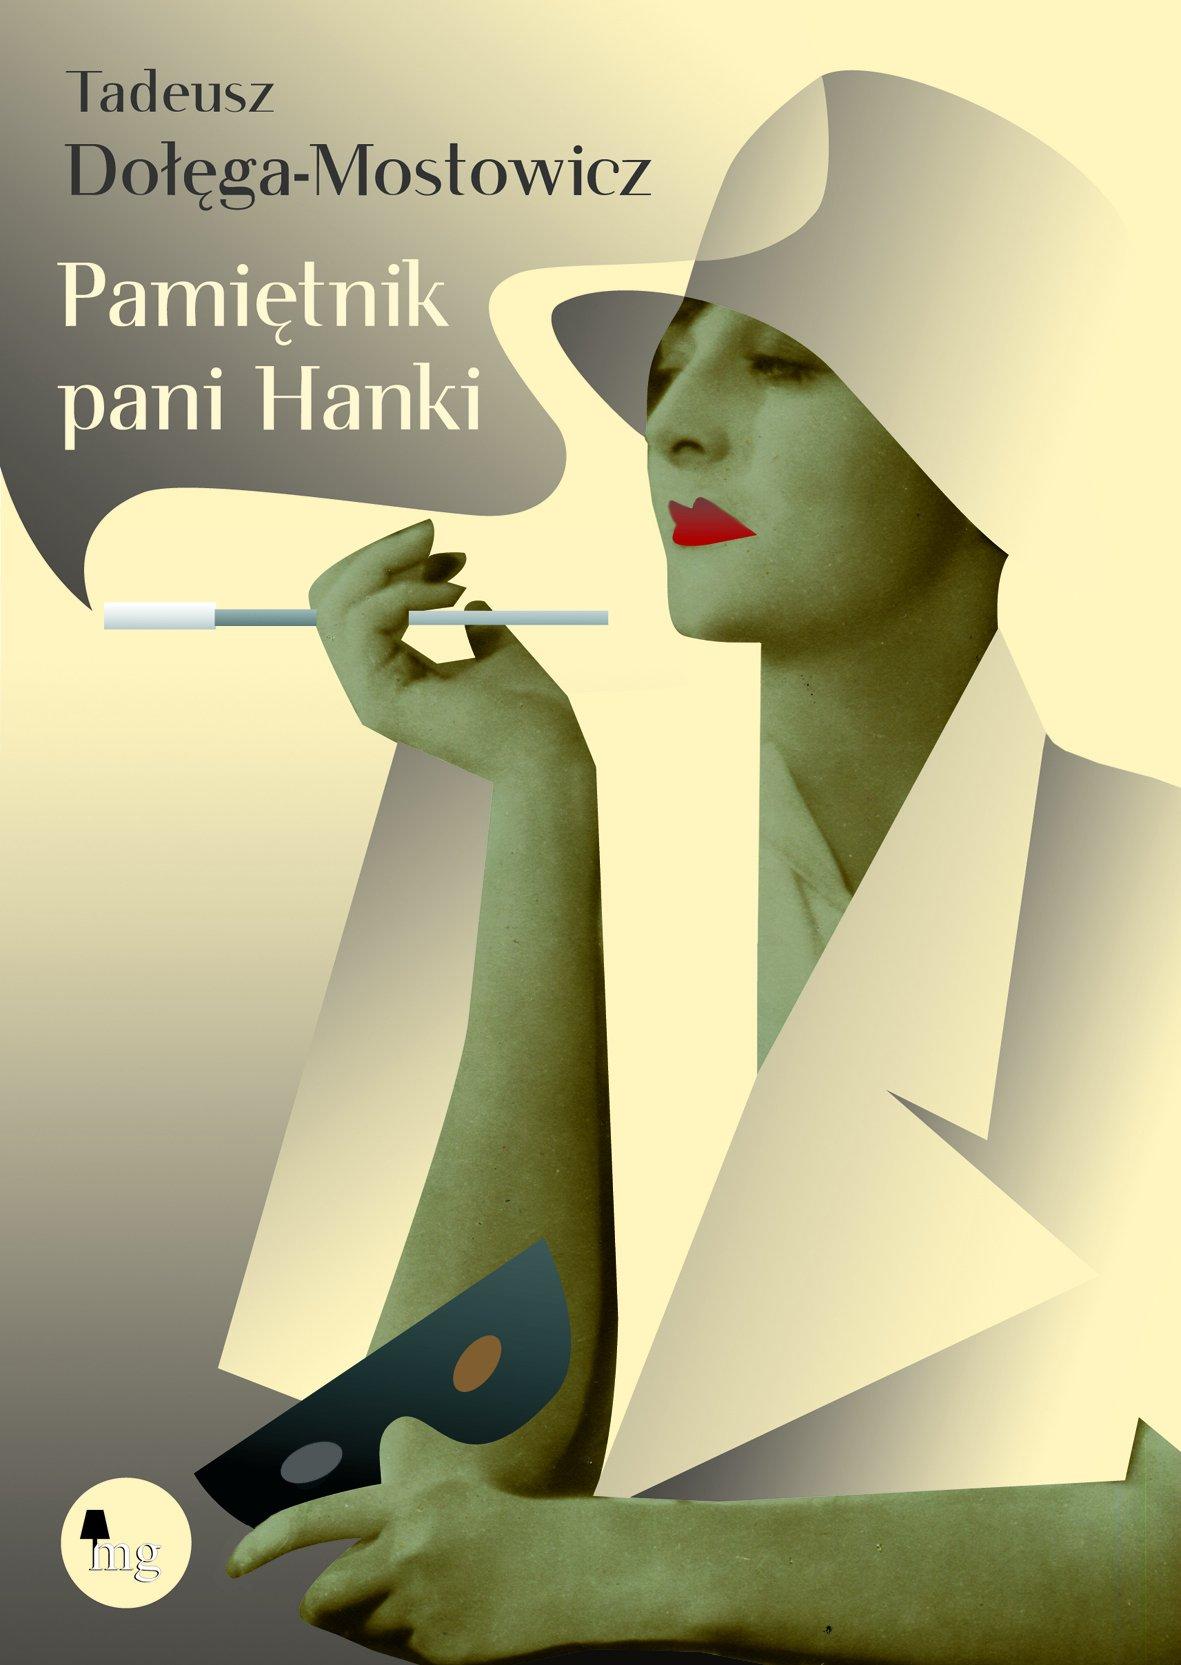 Pamiętnik pani Hanki - Ebook (Książka EPUB) do pobrania w formacie EPUB